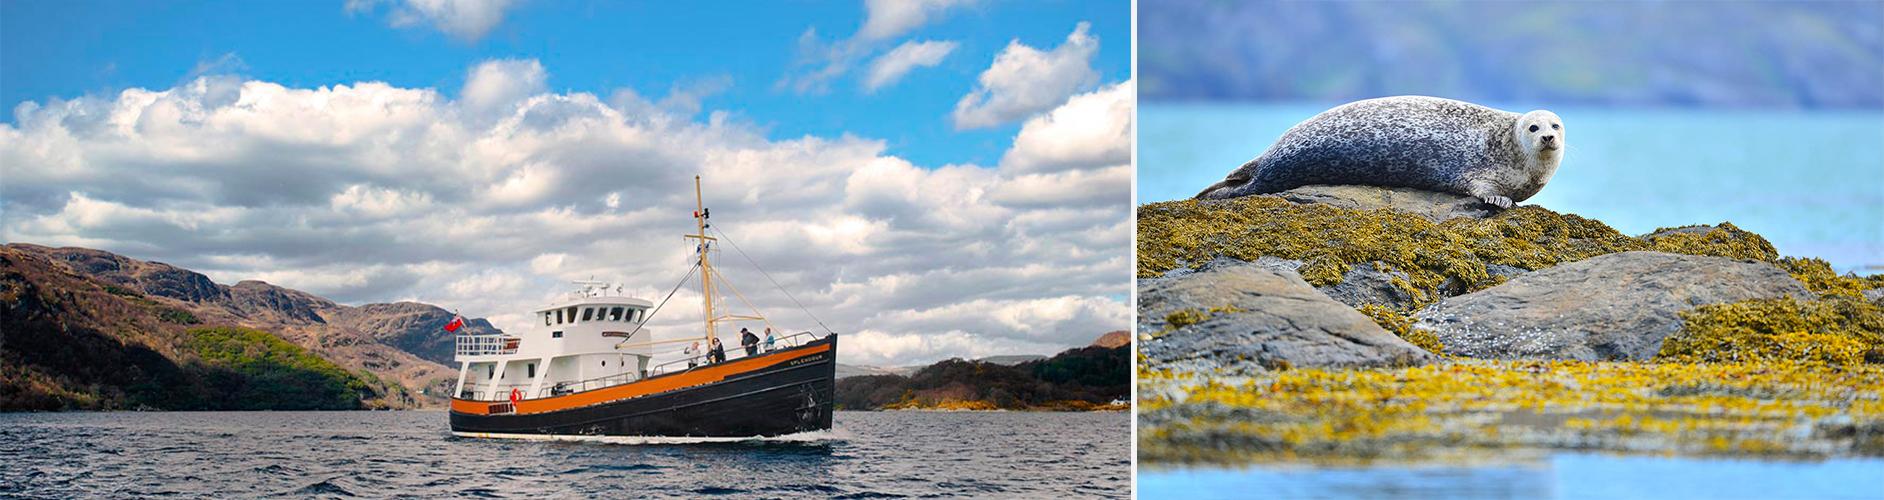 Scottish Cruises|Scotland|Argyll Cruising|Hebrides|HebridesCruises|the Majestic Line